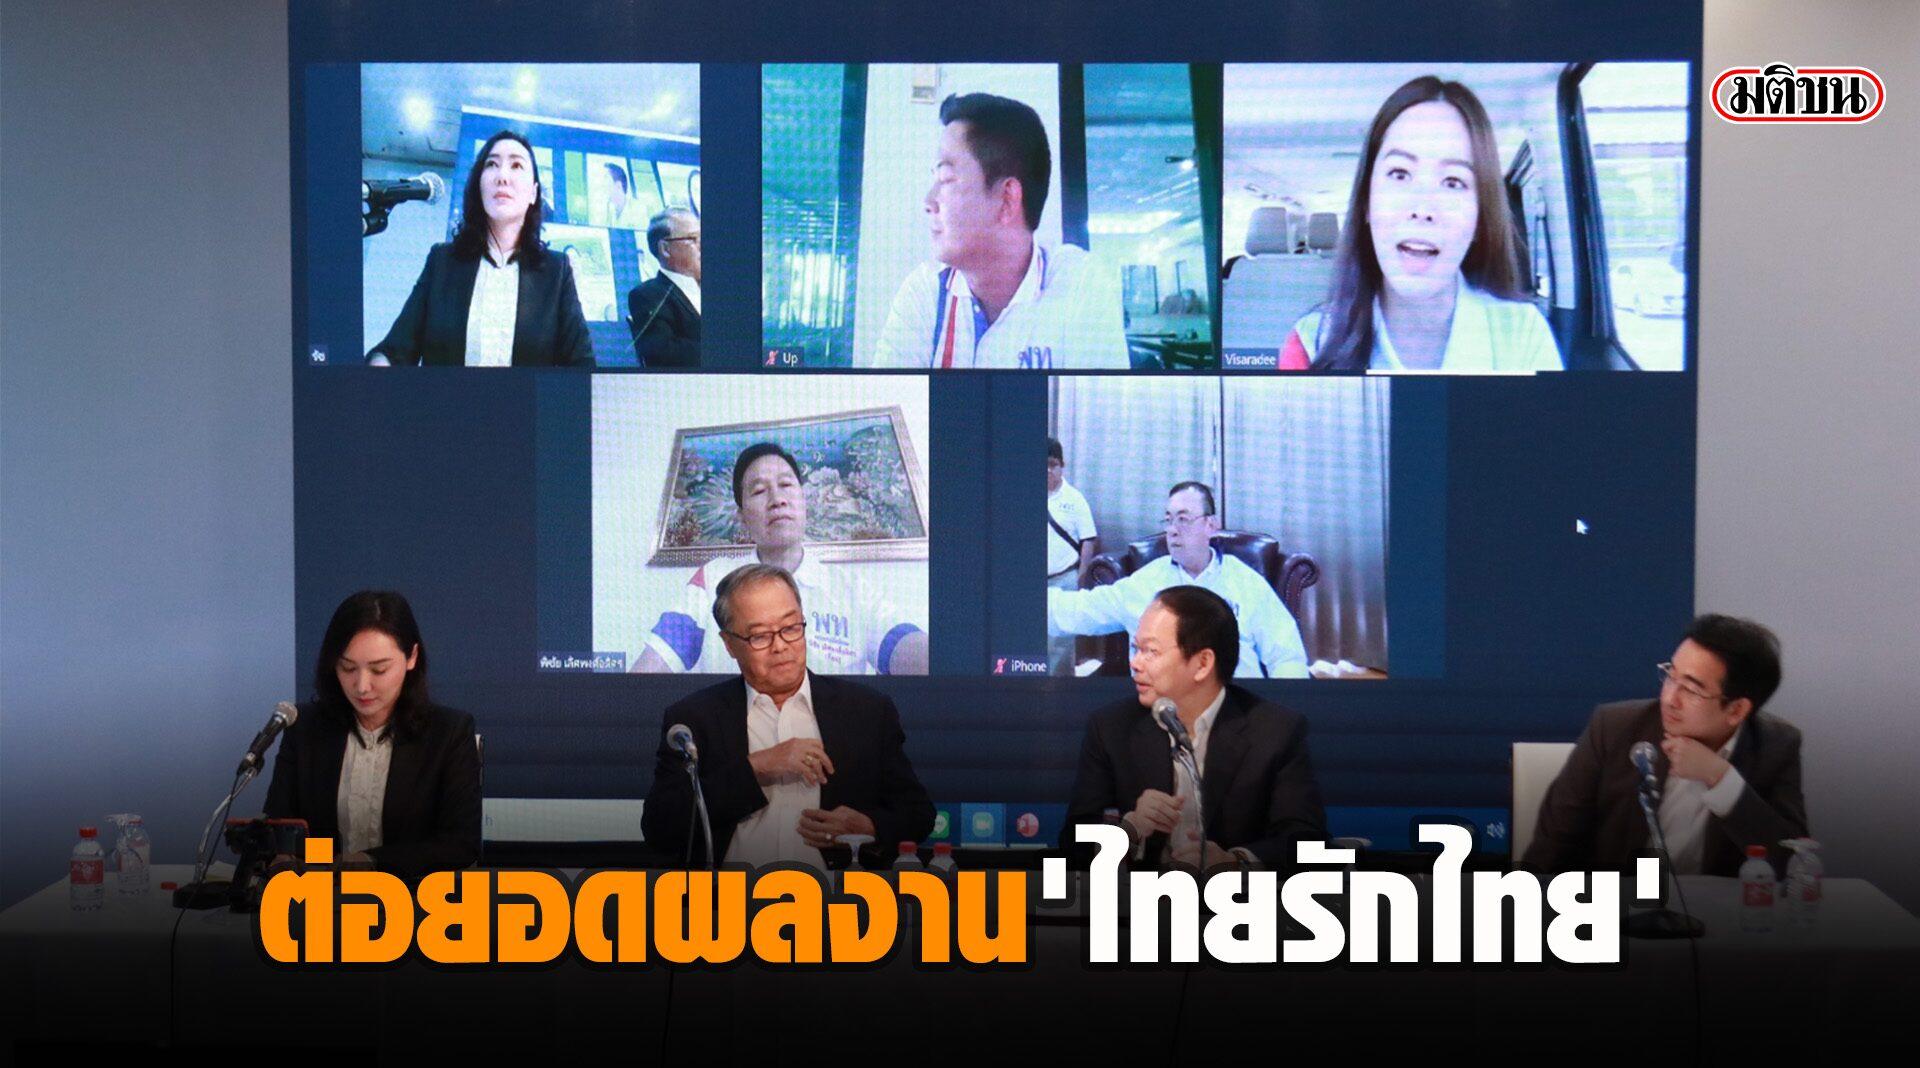 'เพื่อไทย' เปิดตัวผู้สมัคร พร้อมนโยบายลต.ท้องถิ่น 6 ด้าน ต่อยอดผลงาน 'ไทยรักไทย'